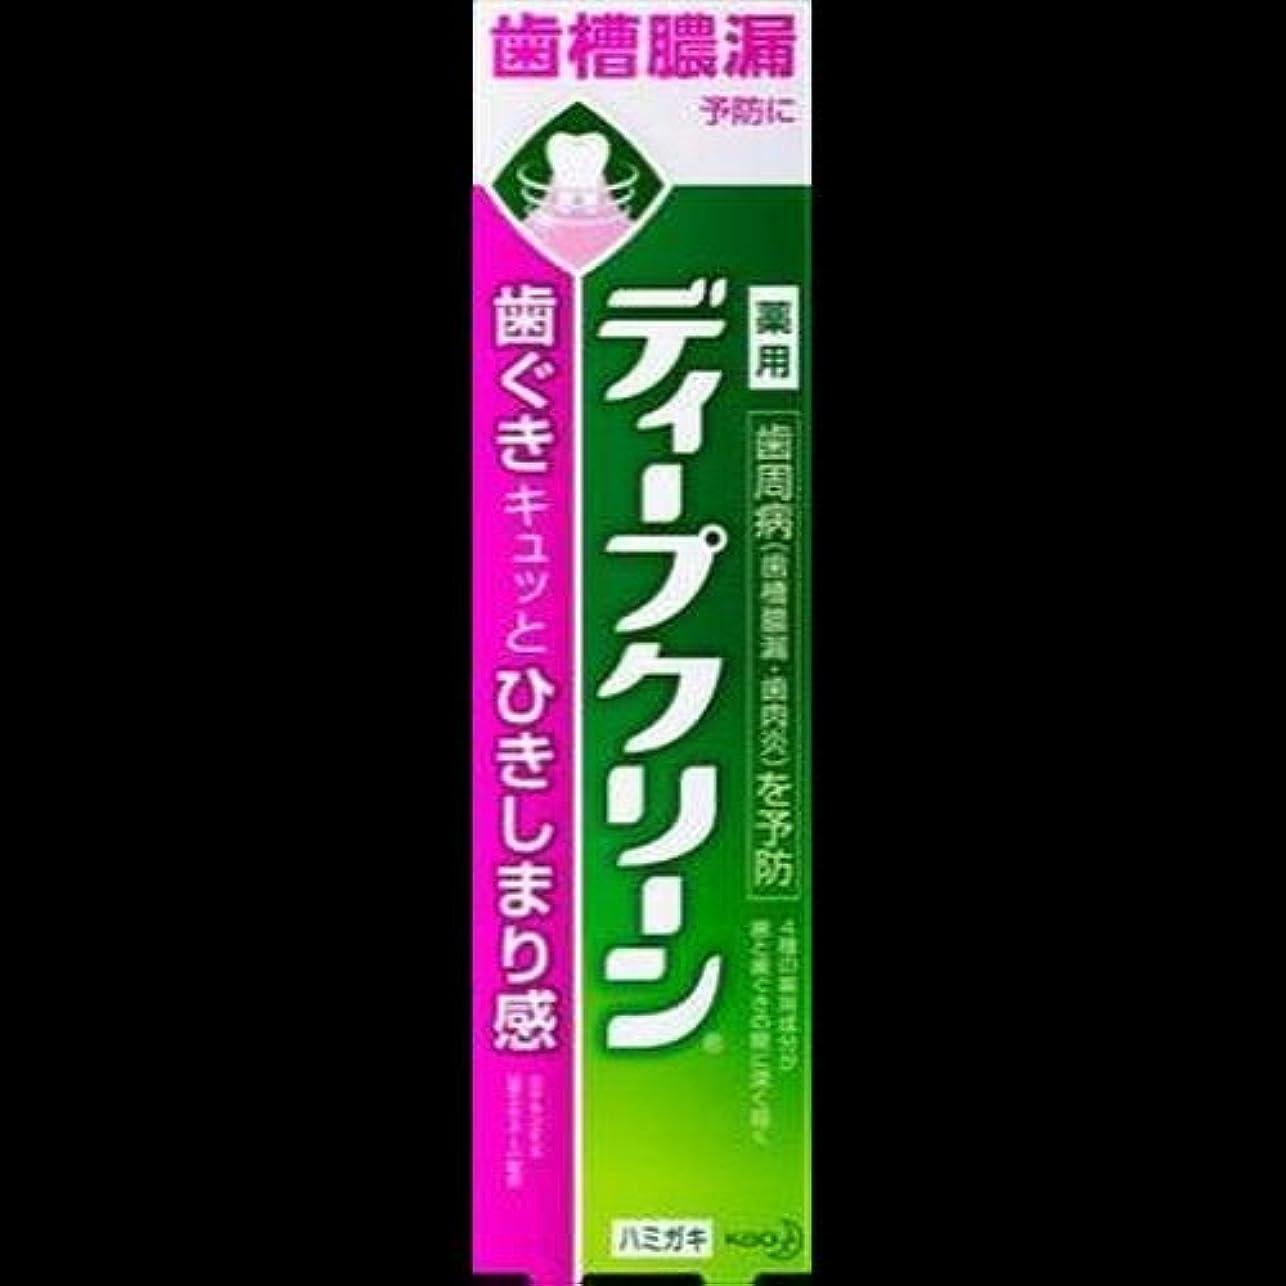 駅東部選ぶ【まとめ買い】ディープクリーン 薬用ハミガキ 100g ×2セット